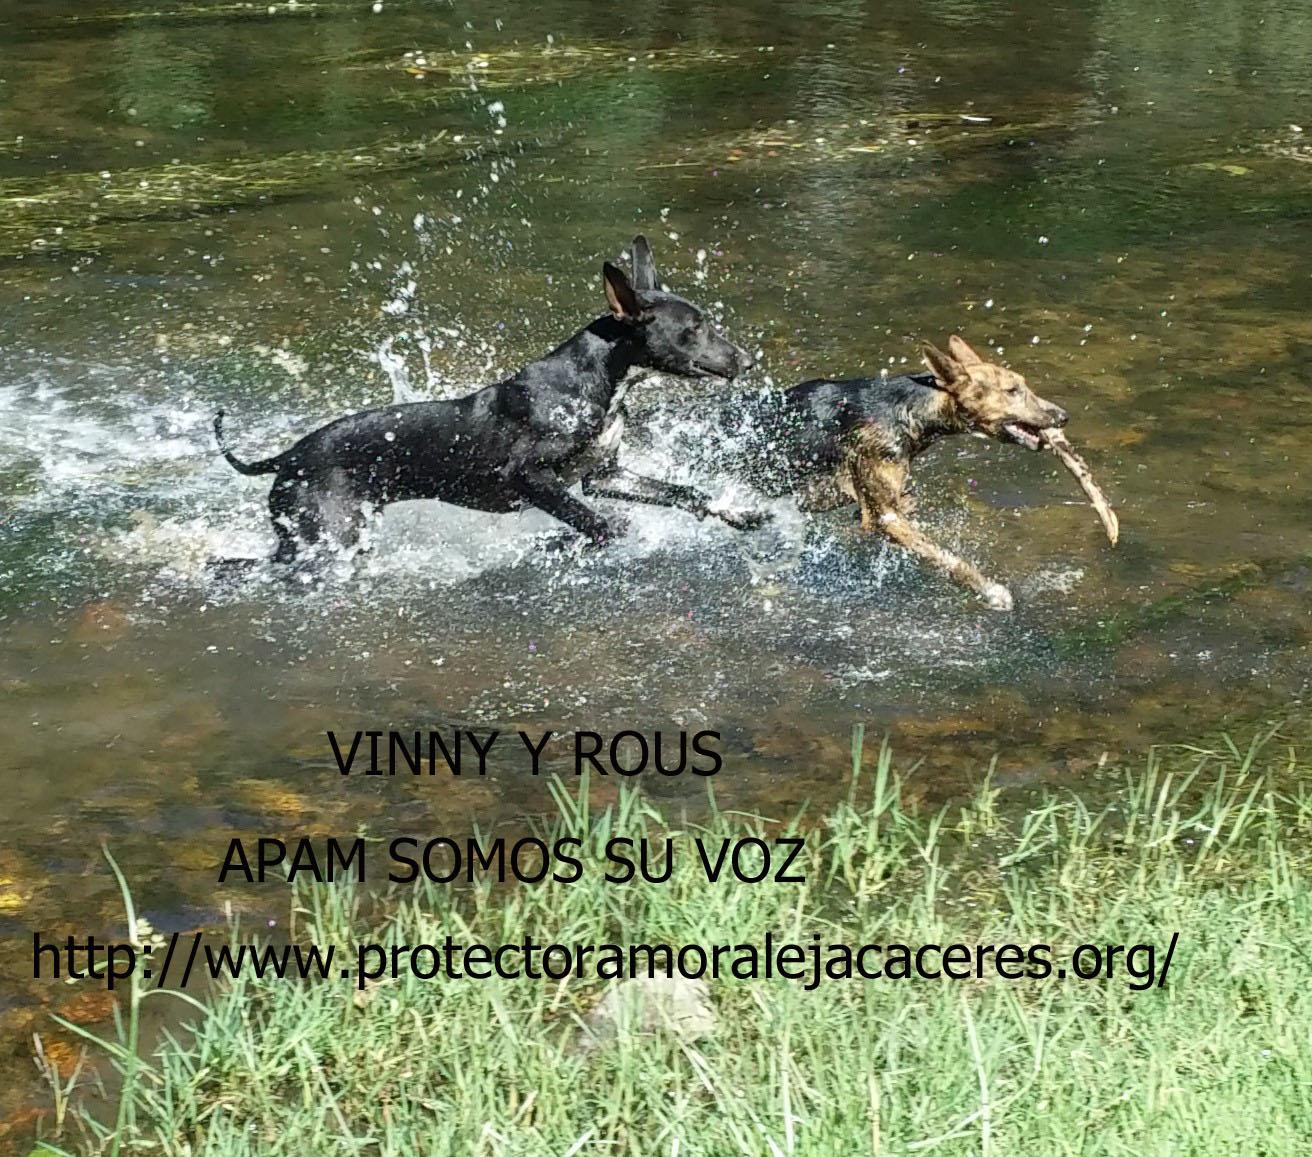 Vinny y Rous